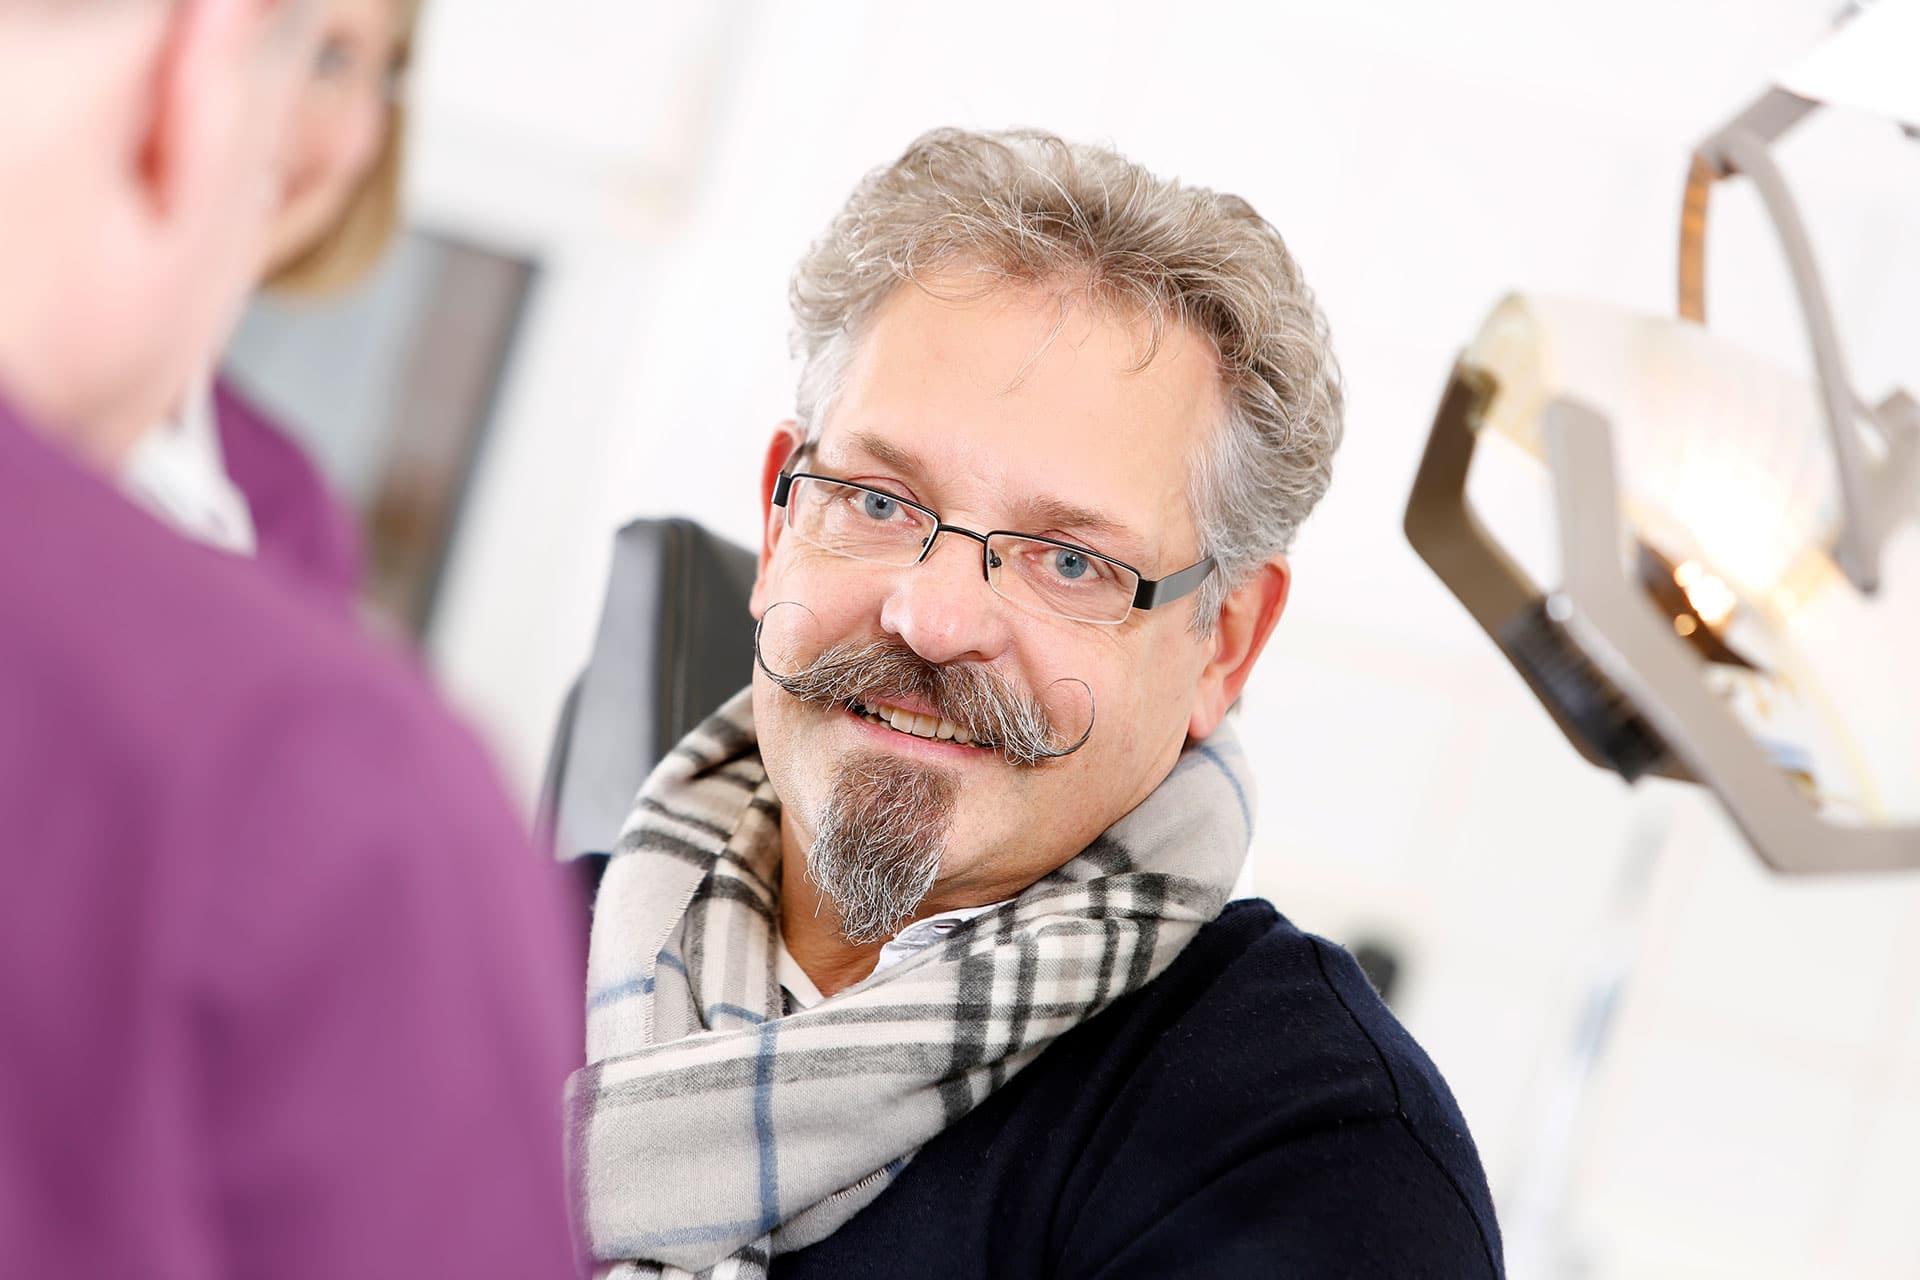 Praxis für Zahnheilkunde - Zahnärzte Peter Ruhland & Christine Reichmann